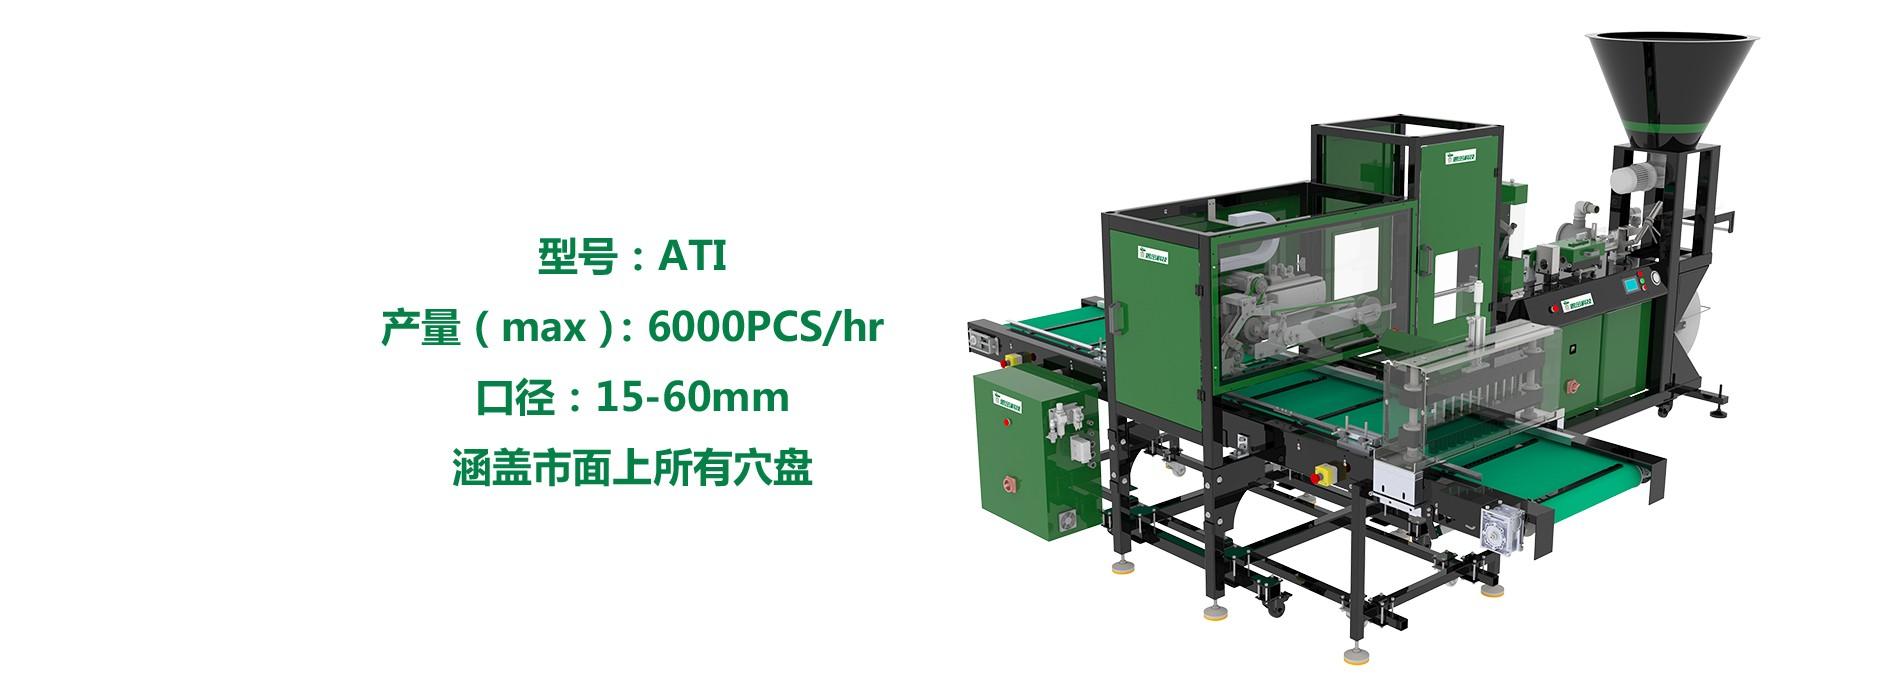 ATI(网站)-20200407